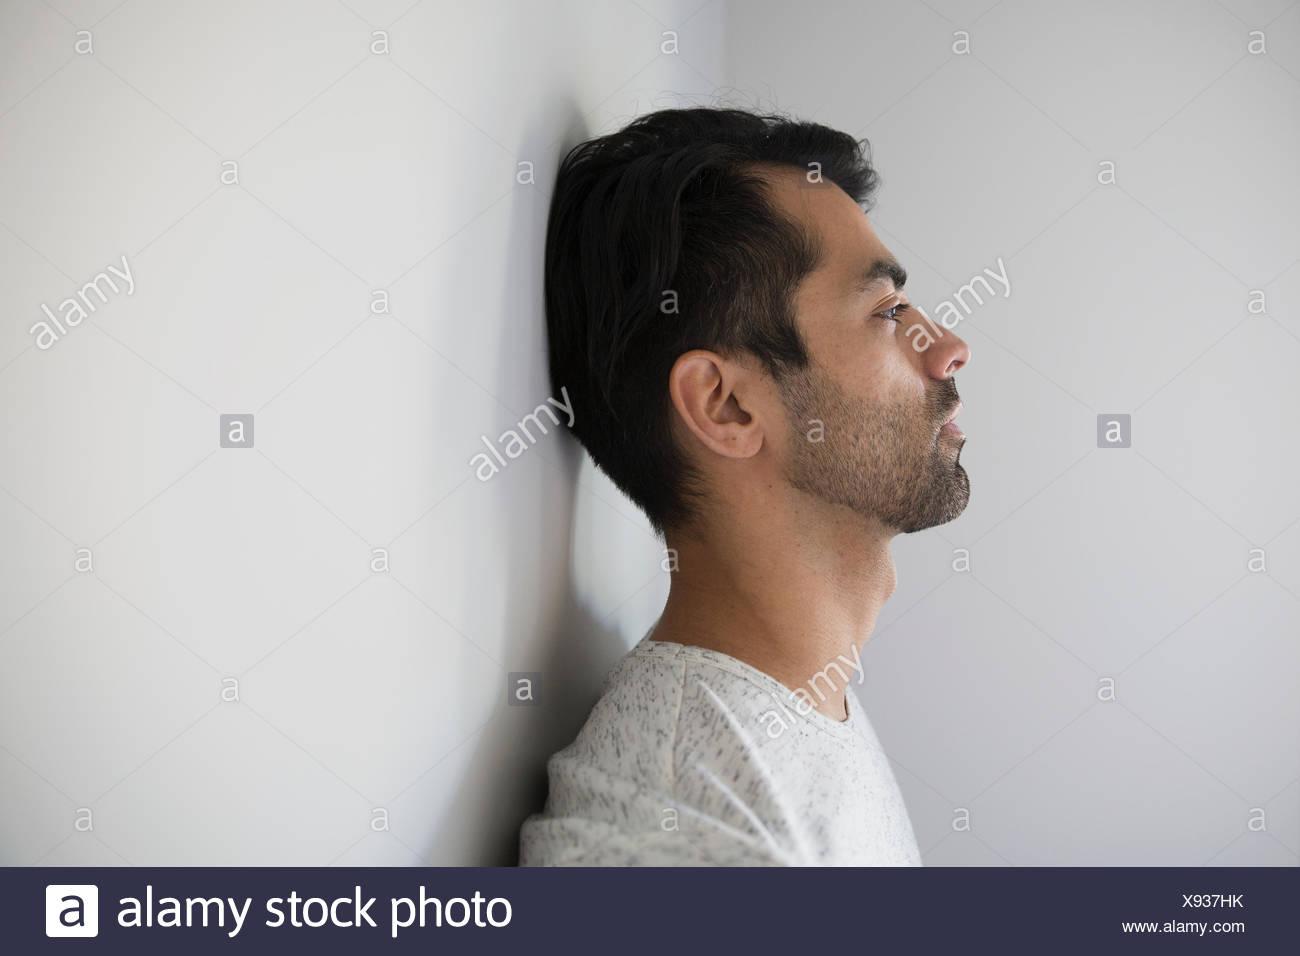 Profil von nachdenklicher Mann wegsehen Stockbild